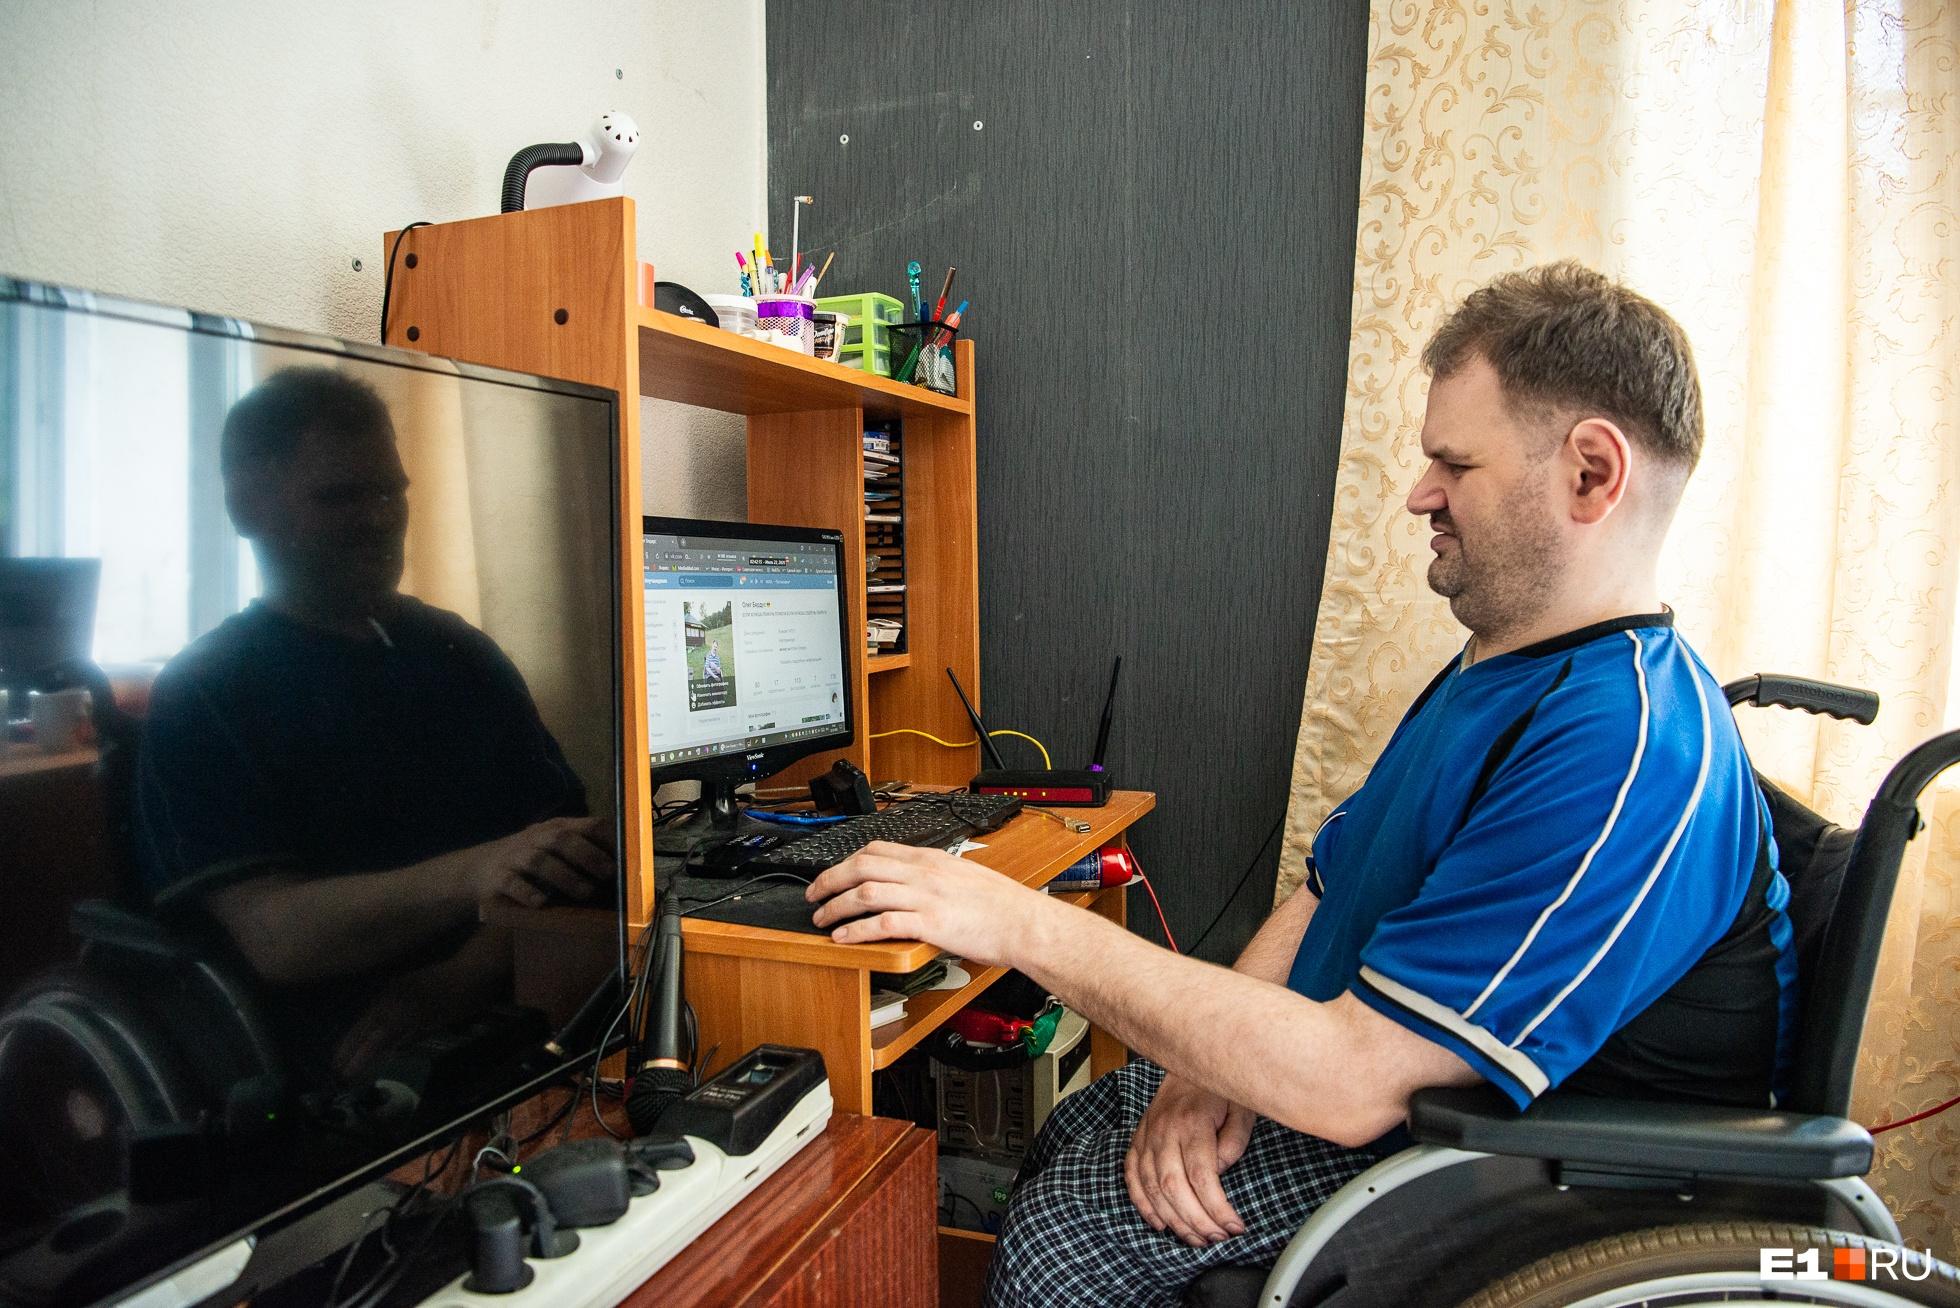 Олег свободное время проводит за компьютером